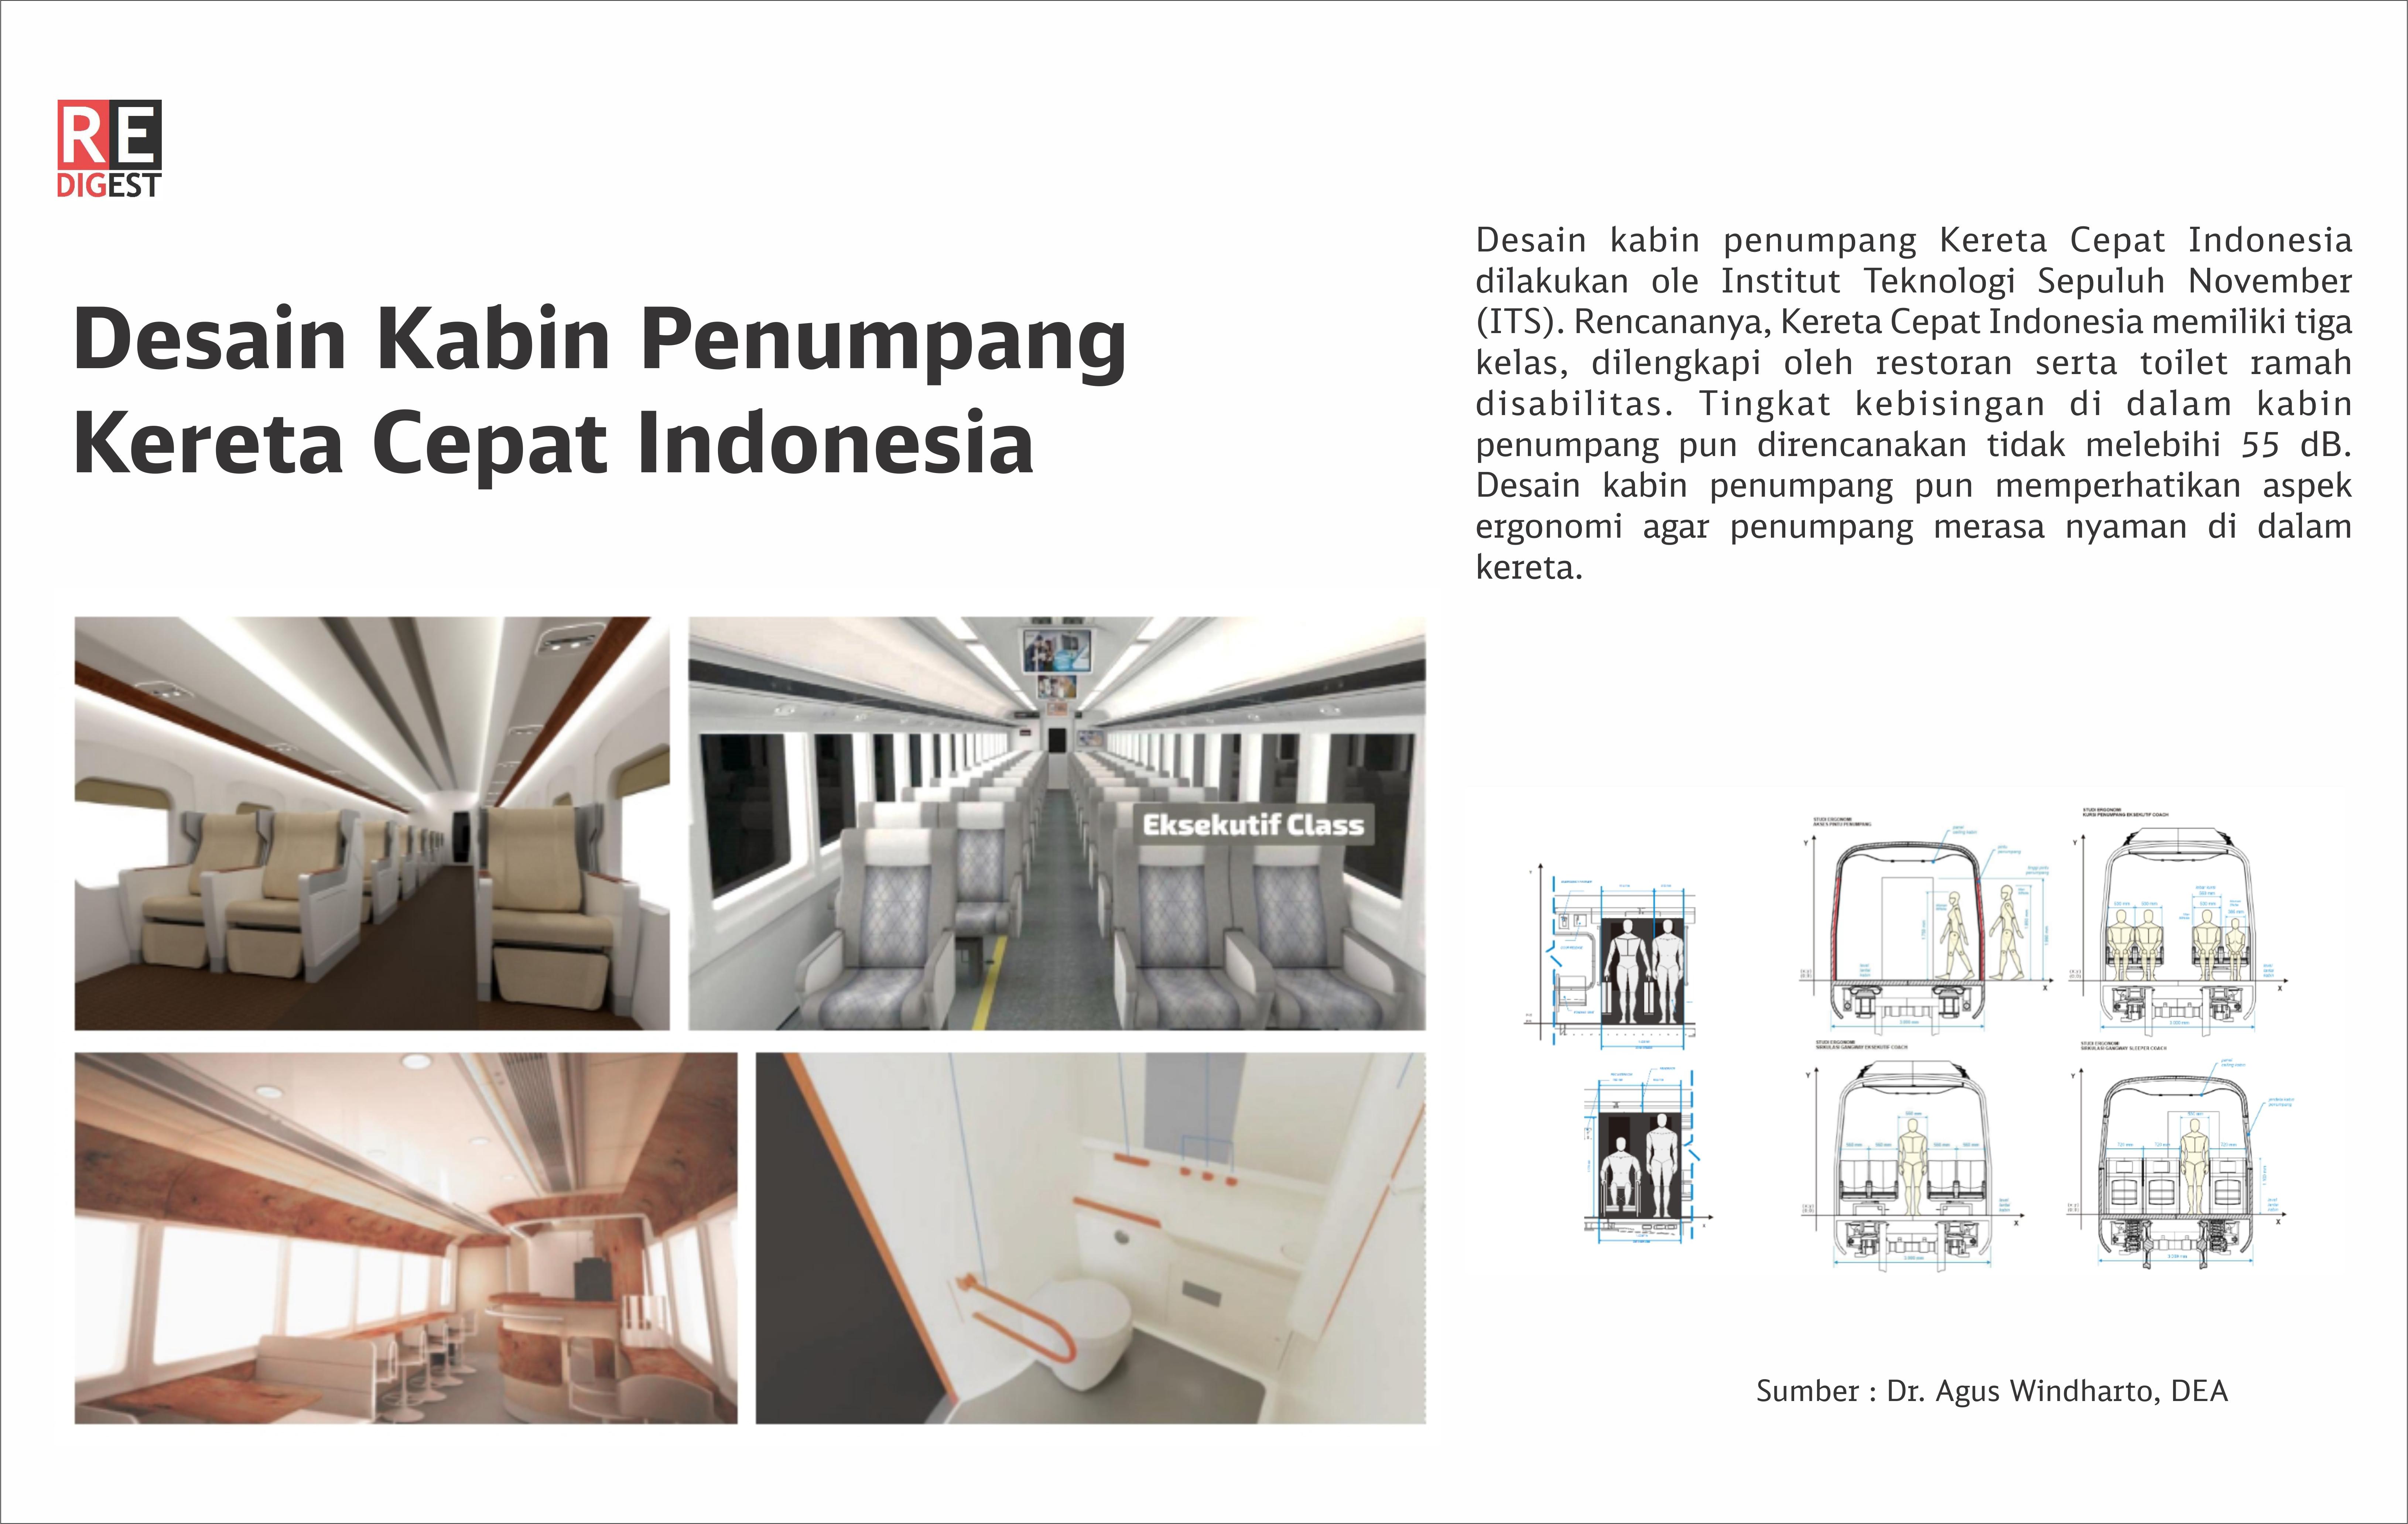 Desain Kabin Penumpang Kereta Cepat Indonesia  Infografis Oleh Tim REDaksi